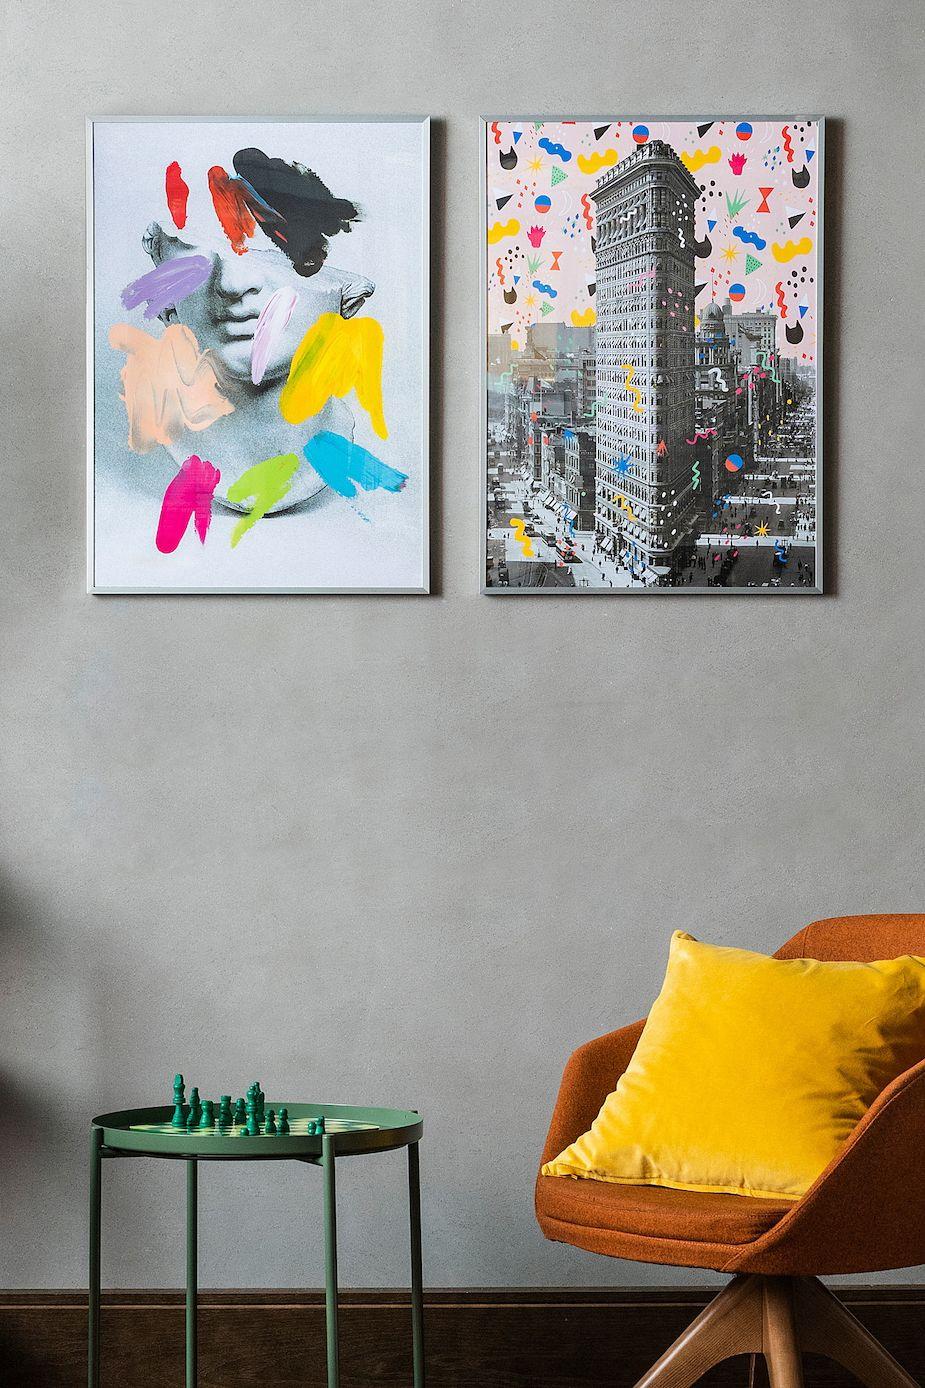 Wohnraume Personlich Gestalten Mit Ikea Bild Flatiron Building New York 50x70 Cm Neu Ikea Deko Bilderrahmen Aufhangen Gestalten